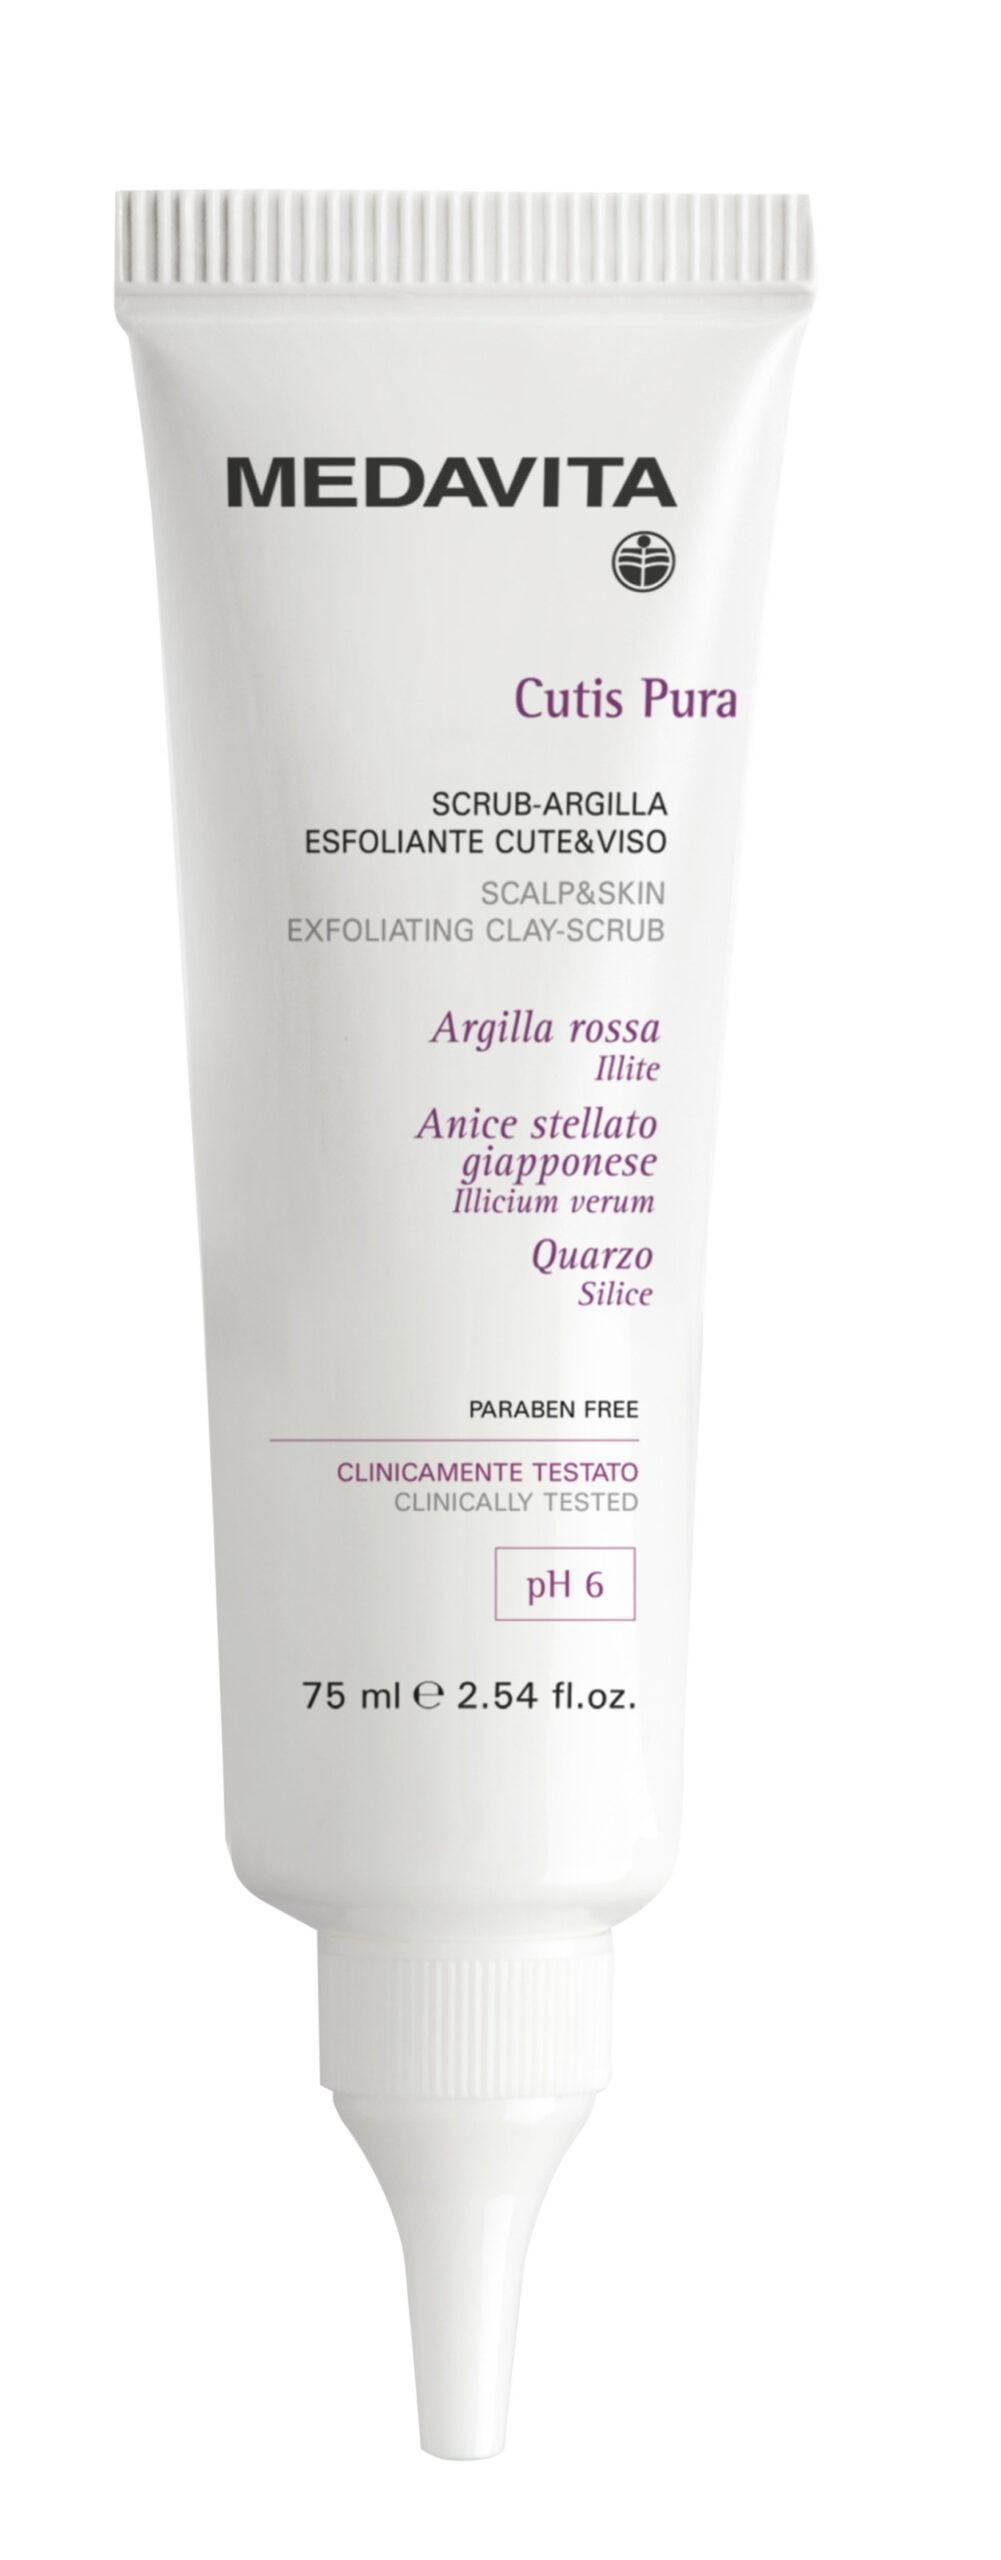 Cutis Pura Маска-сраб для интенсивного очищения кожи головы и лица Medavita Италия 75 мл(р) — фото №1